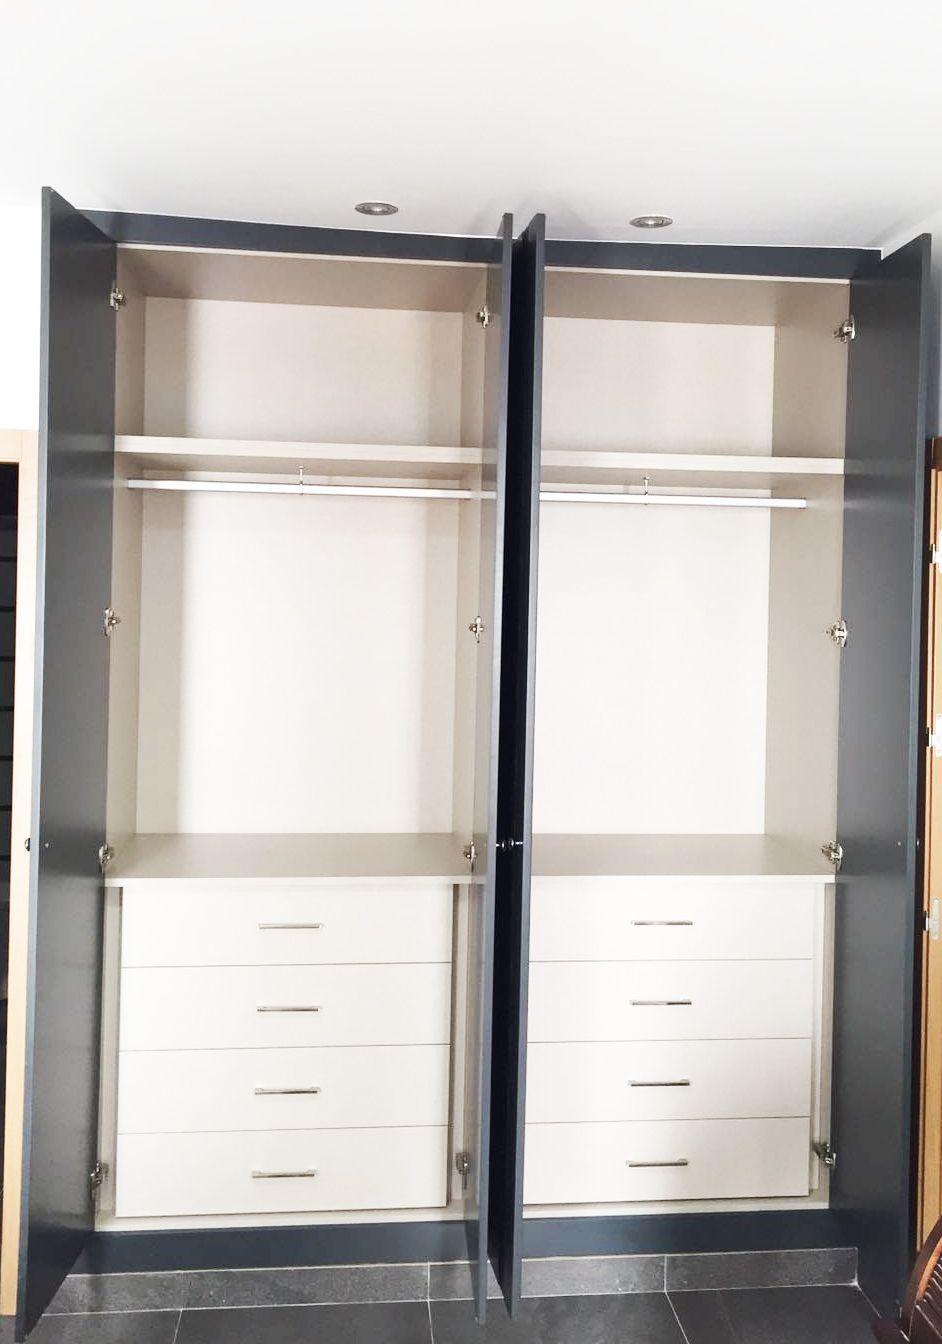 Armarios empotrados puertas abatibles medida armarios - Puertas abatibles para armarios empotrados ...